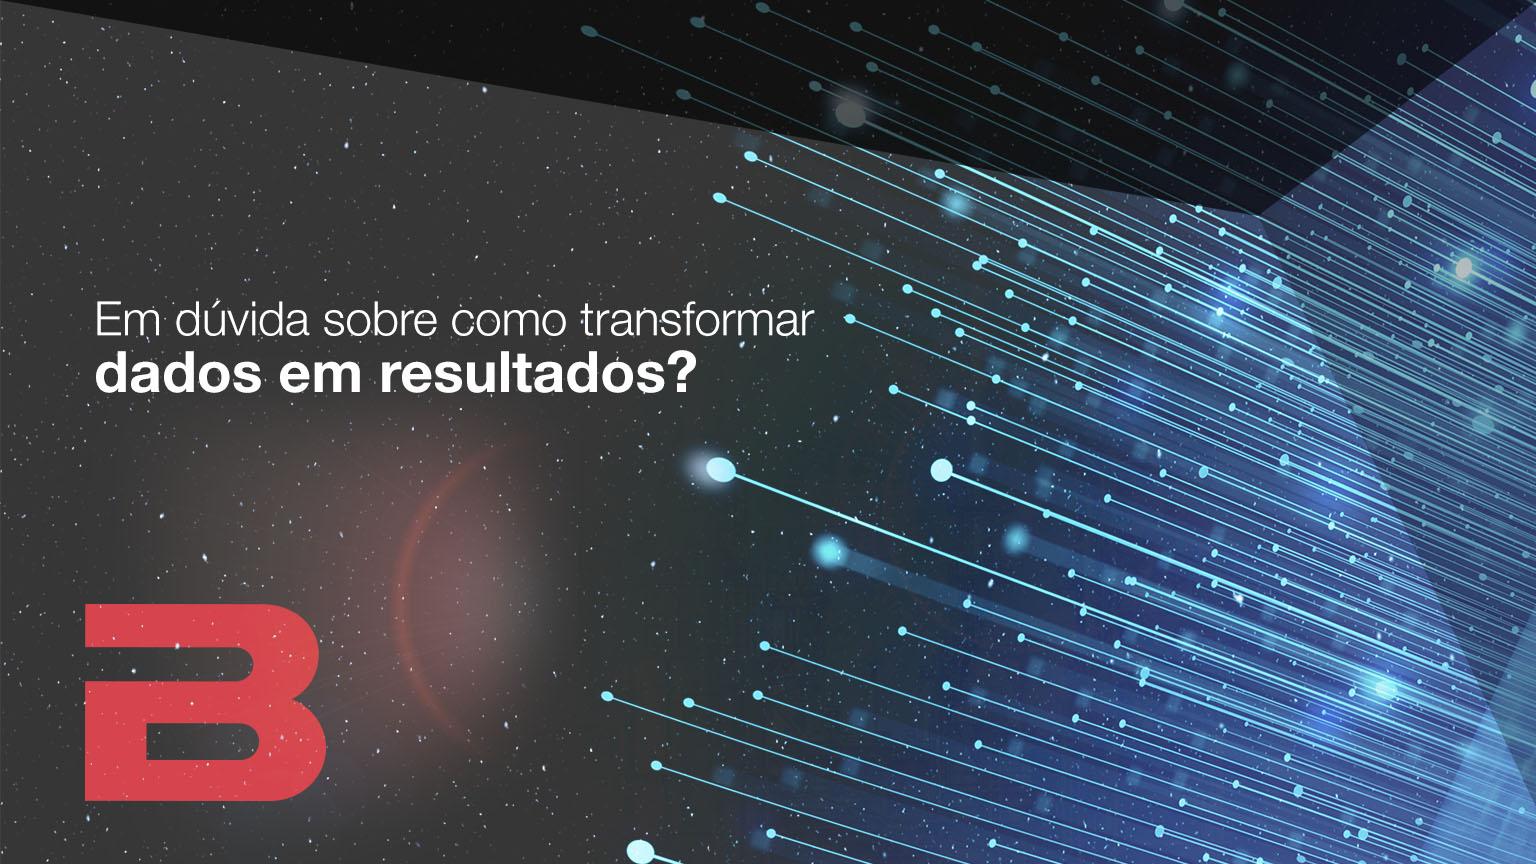 Em dúvida sobre como transformar dados em resultados?